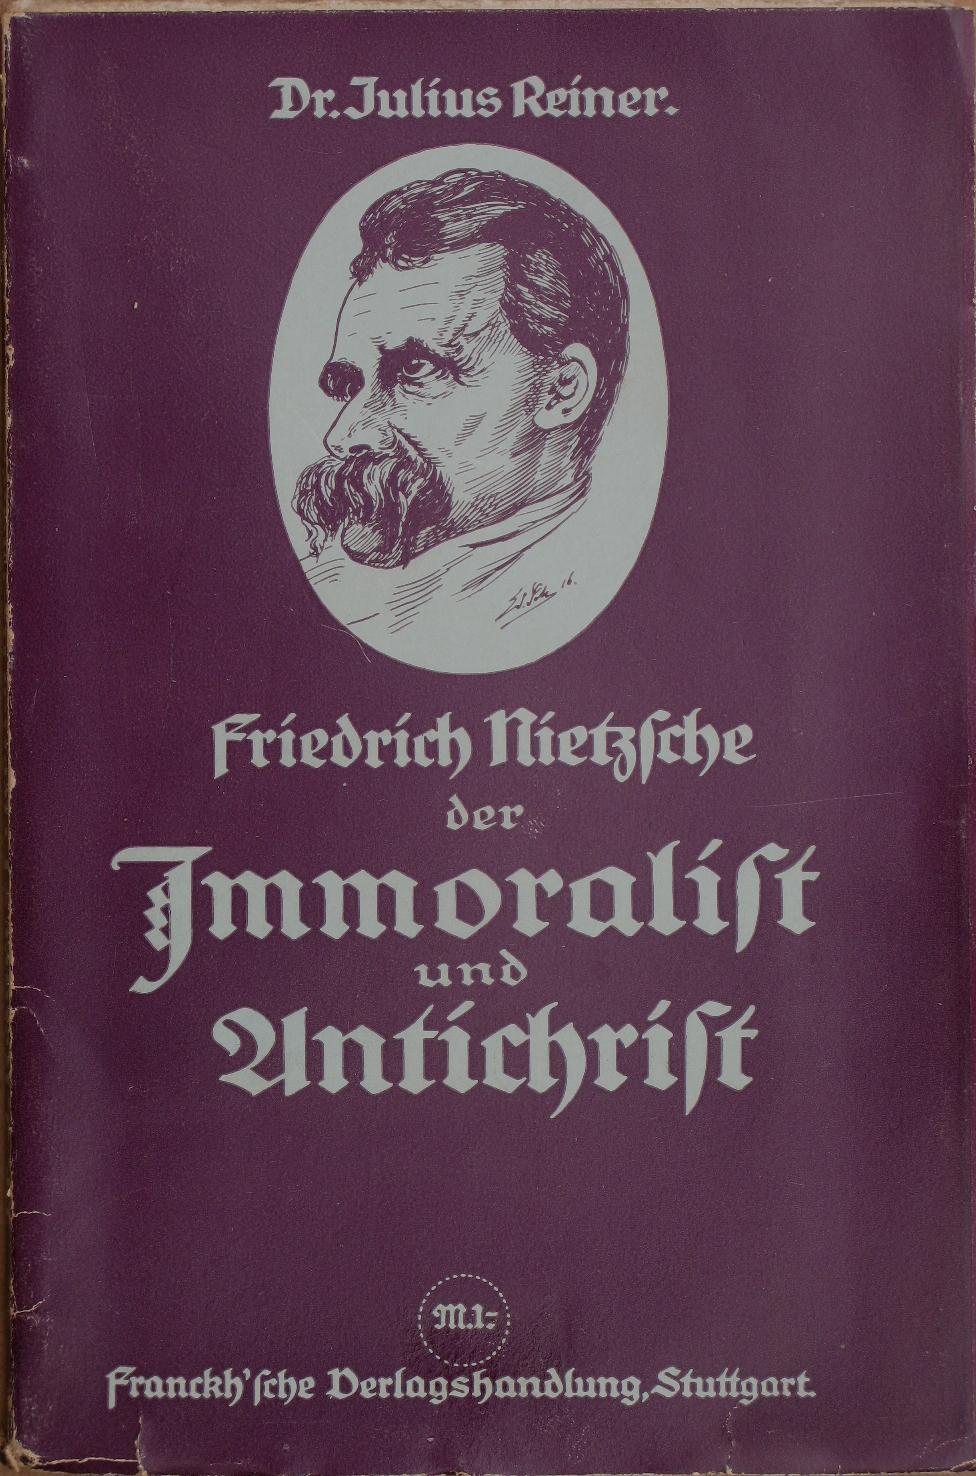 Friedrich Nietzsche der Immoralist und Antichrist. 16.-20. Tsd.